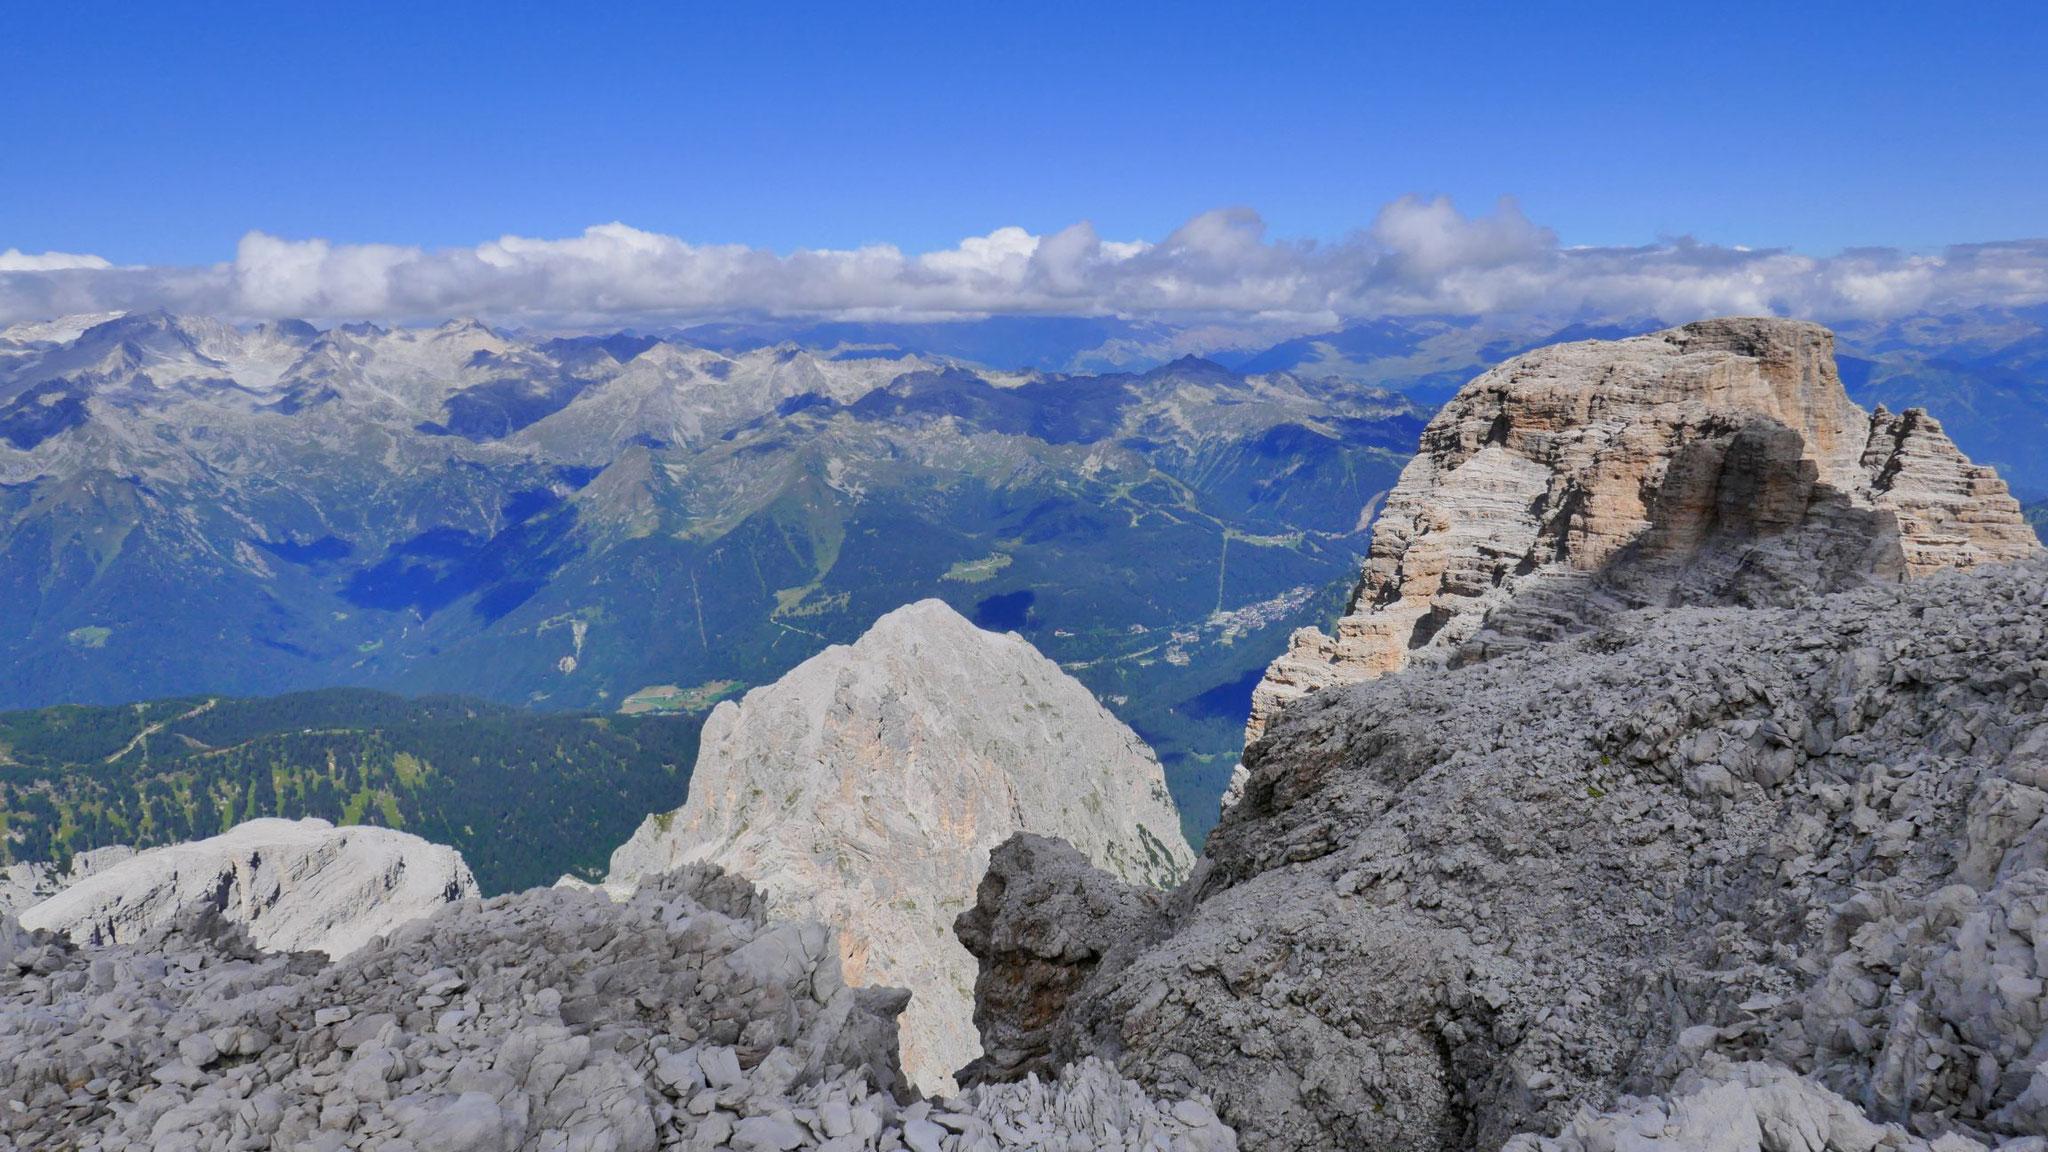 Nördliches Adamello, rechts Crozzon di Brenta, dahinter die Ortler-Alpen in Wolken